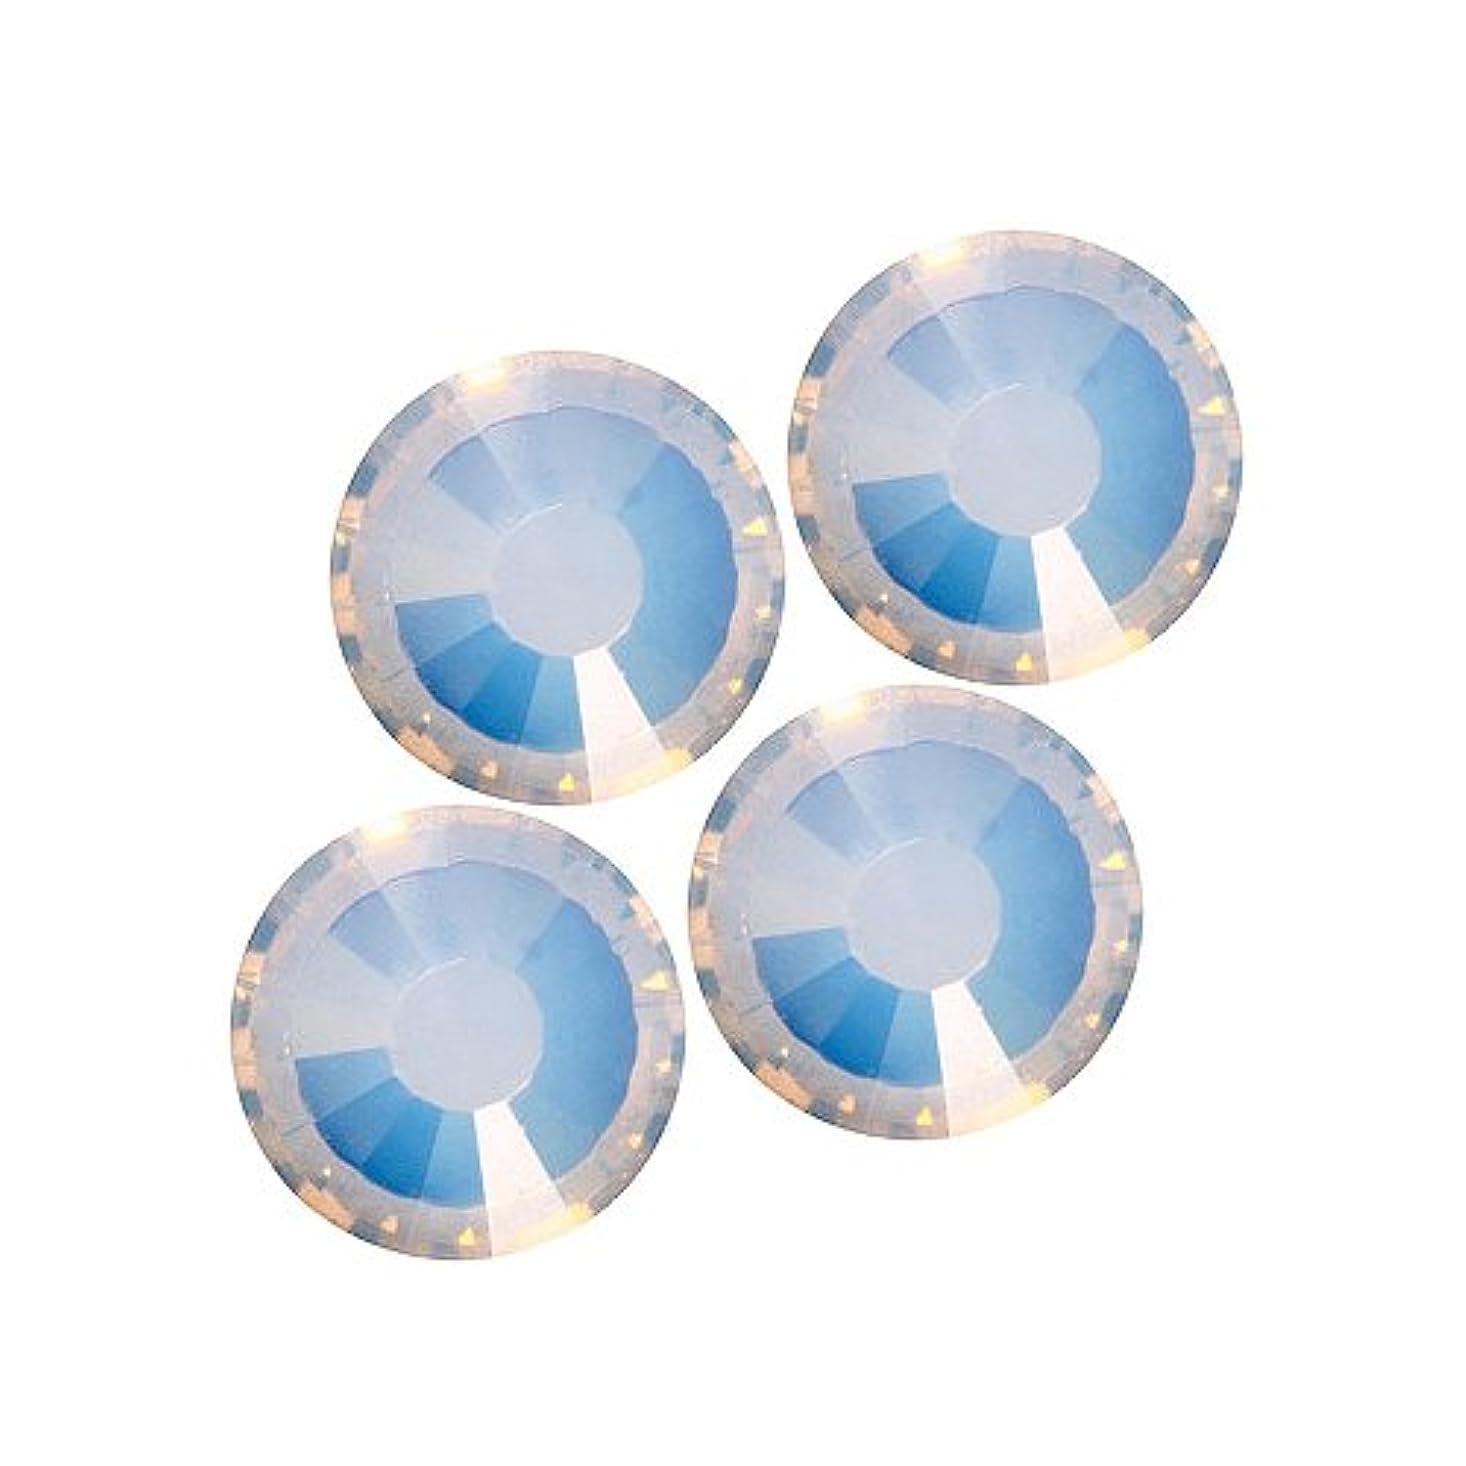 おとこ慰めわかりやすいバイナル DIAMOND RHINESTONE ホワイトオパールSS8 1440粒 ST-SS8-WHO-10G